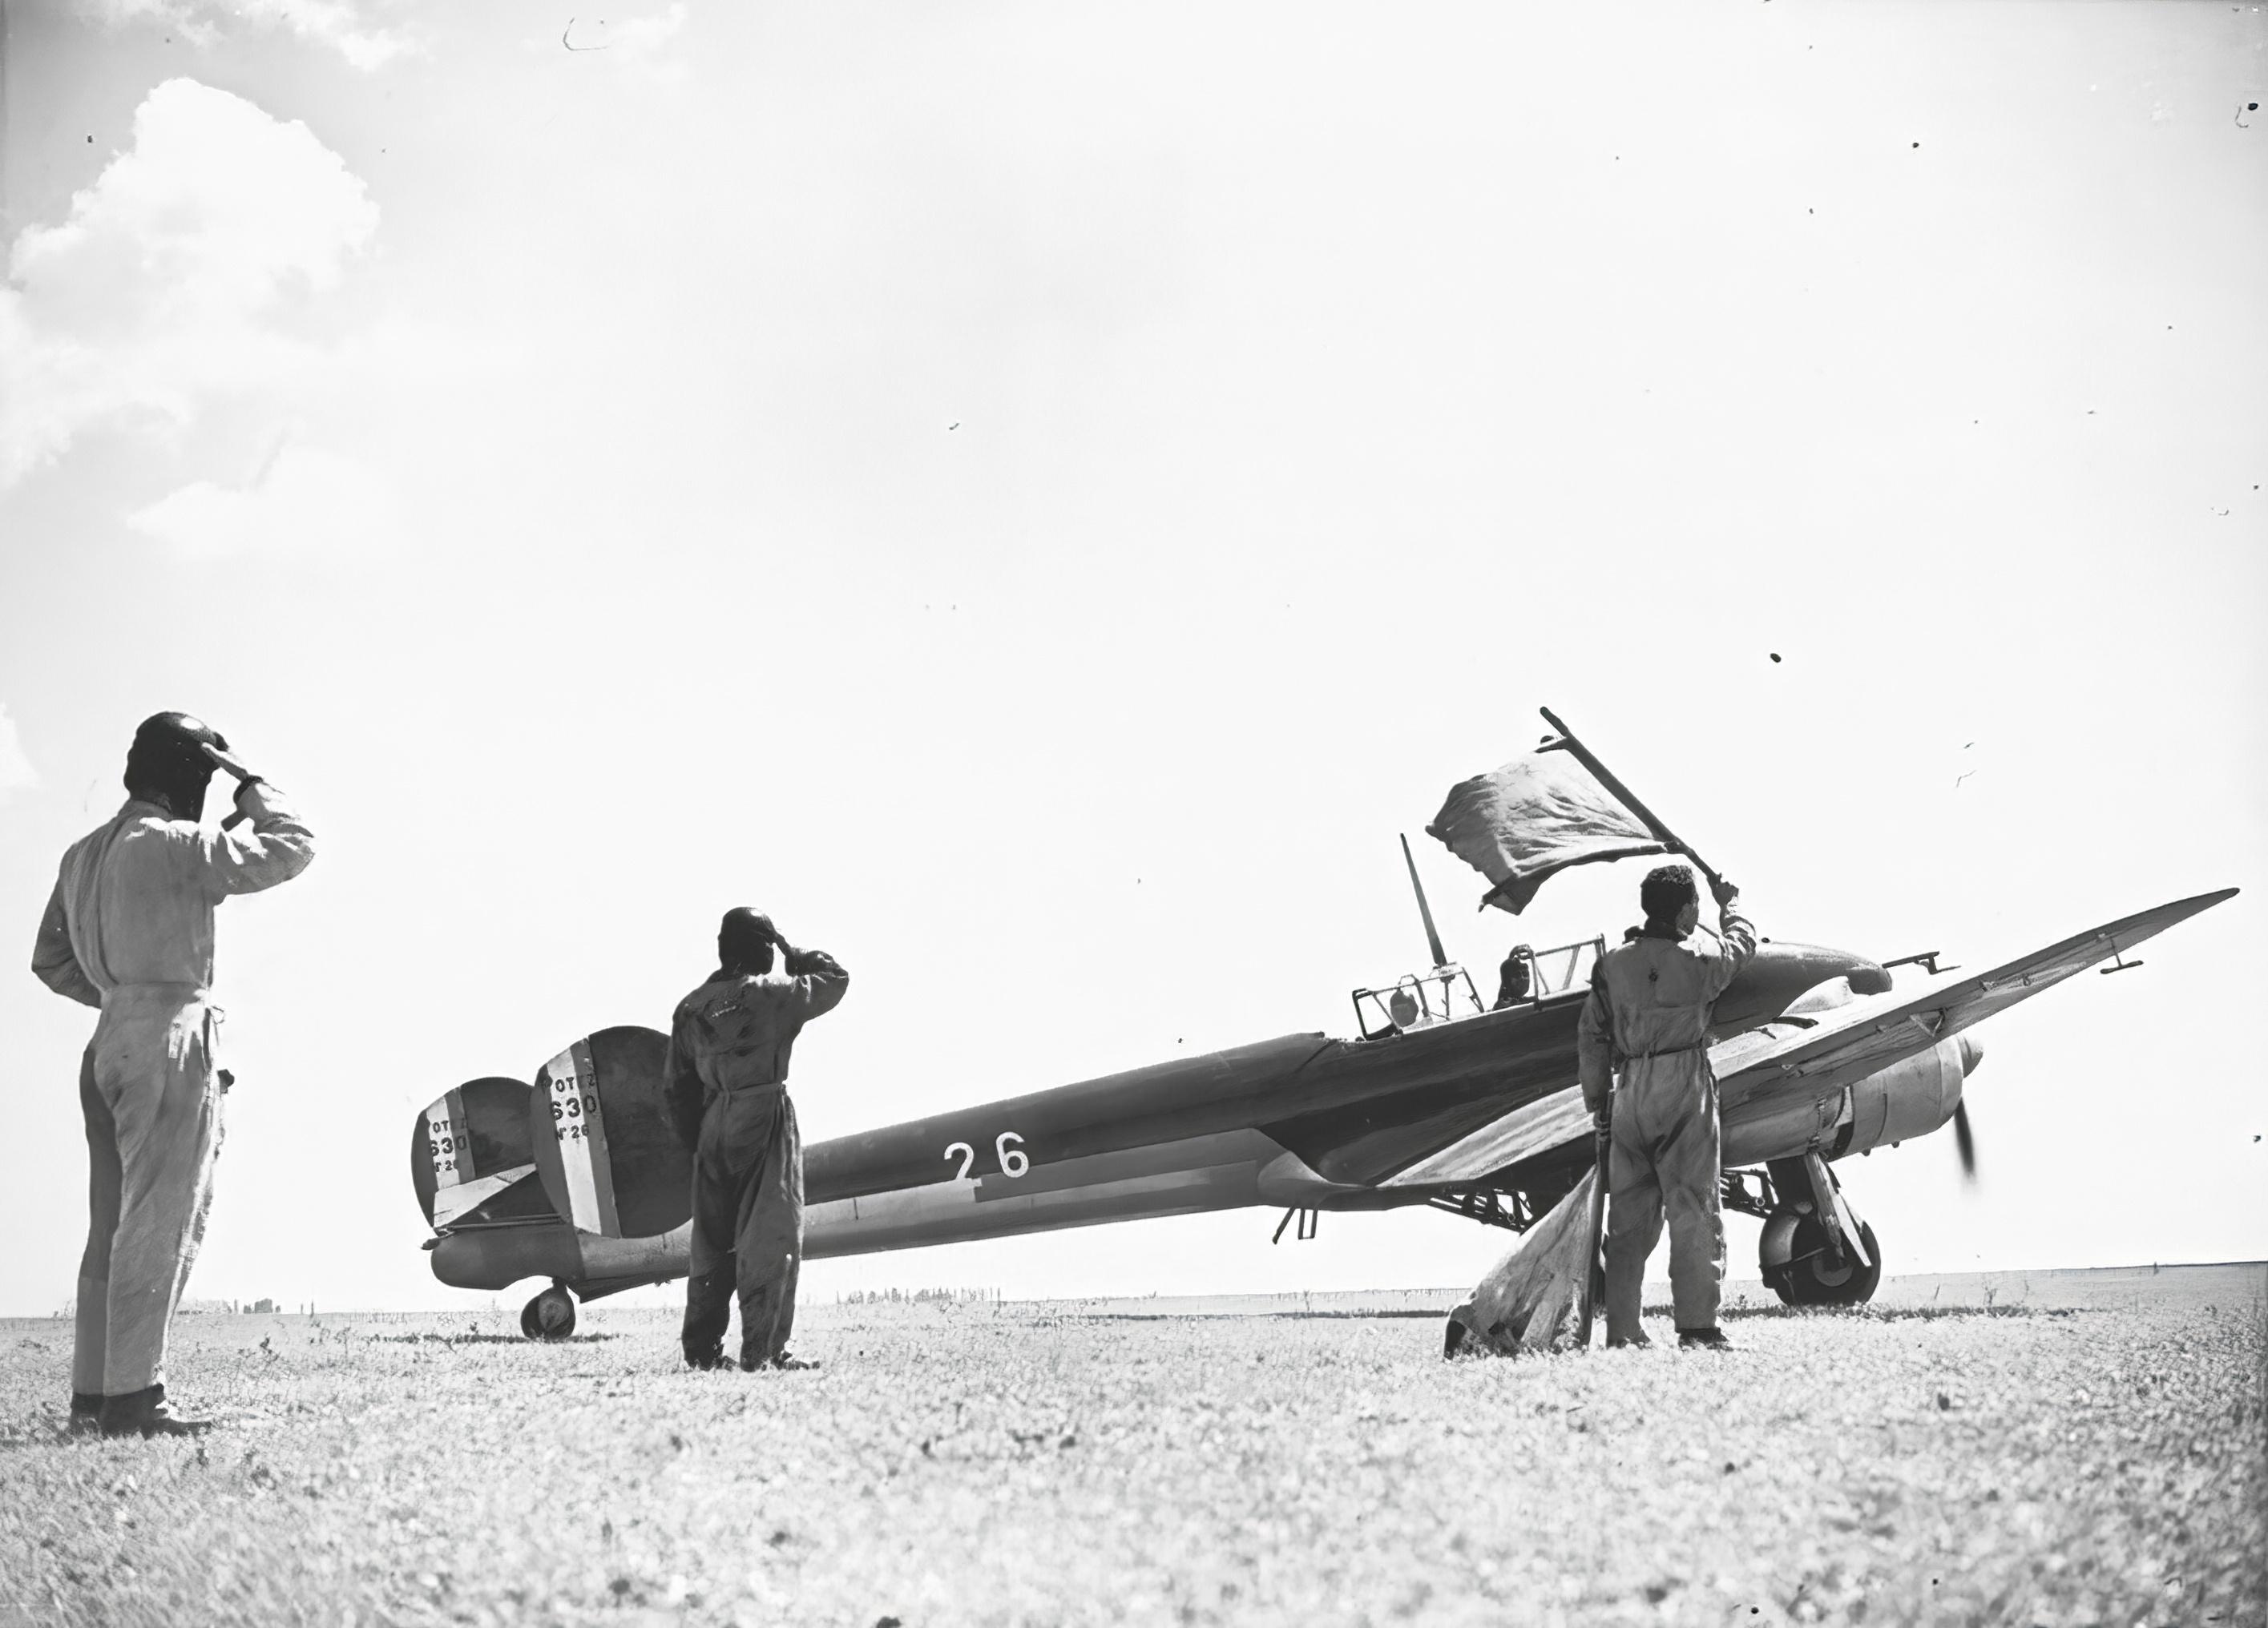 French Airforce Potez 630 White 26 No26 prior to take off NIOD